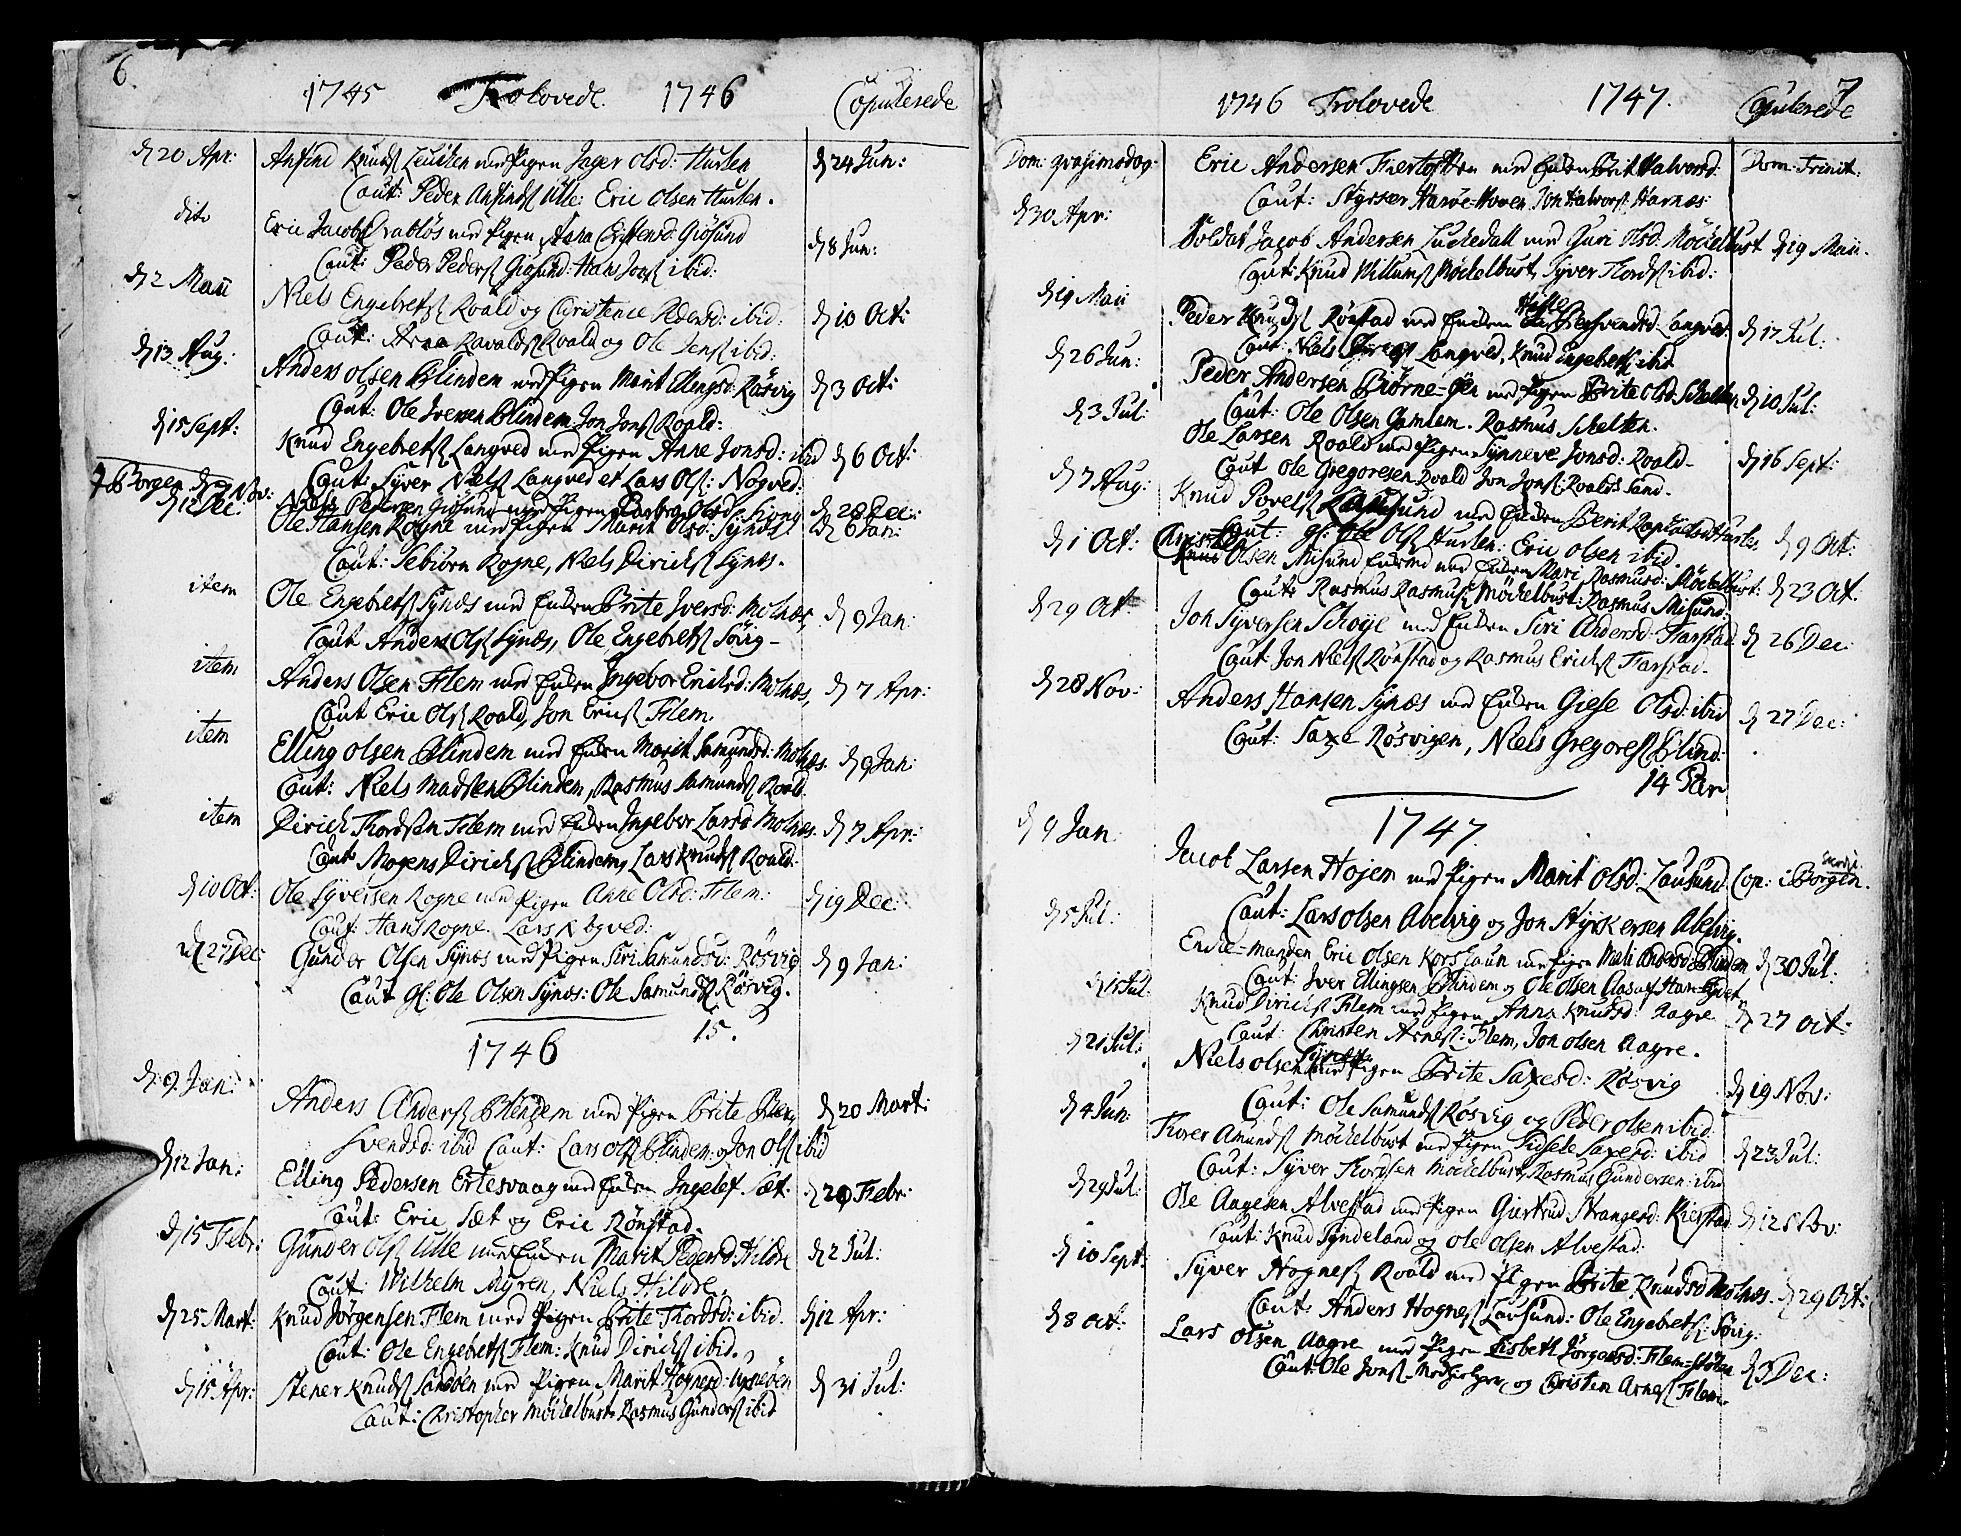 SAT, Ministerialprotokoller, klokkerbøker og fødselsregistre - Møre og Romsdal, 536/L0493: Ministerialbok nr. 536A02, 1739-1802, s. 6-7